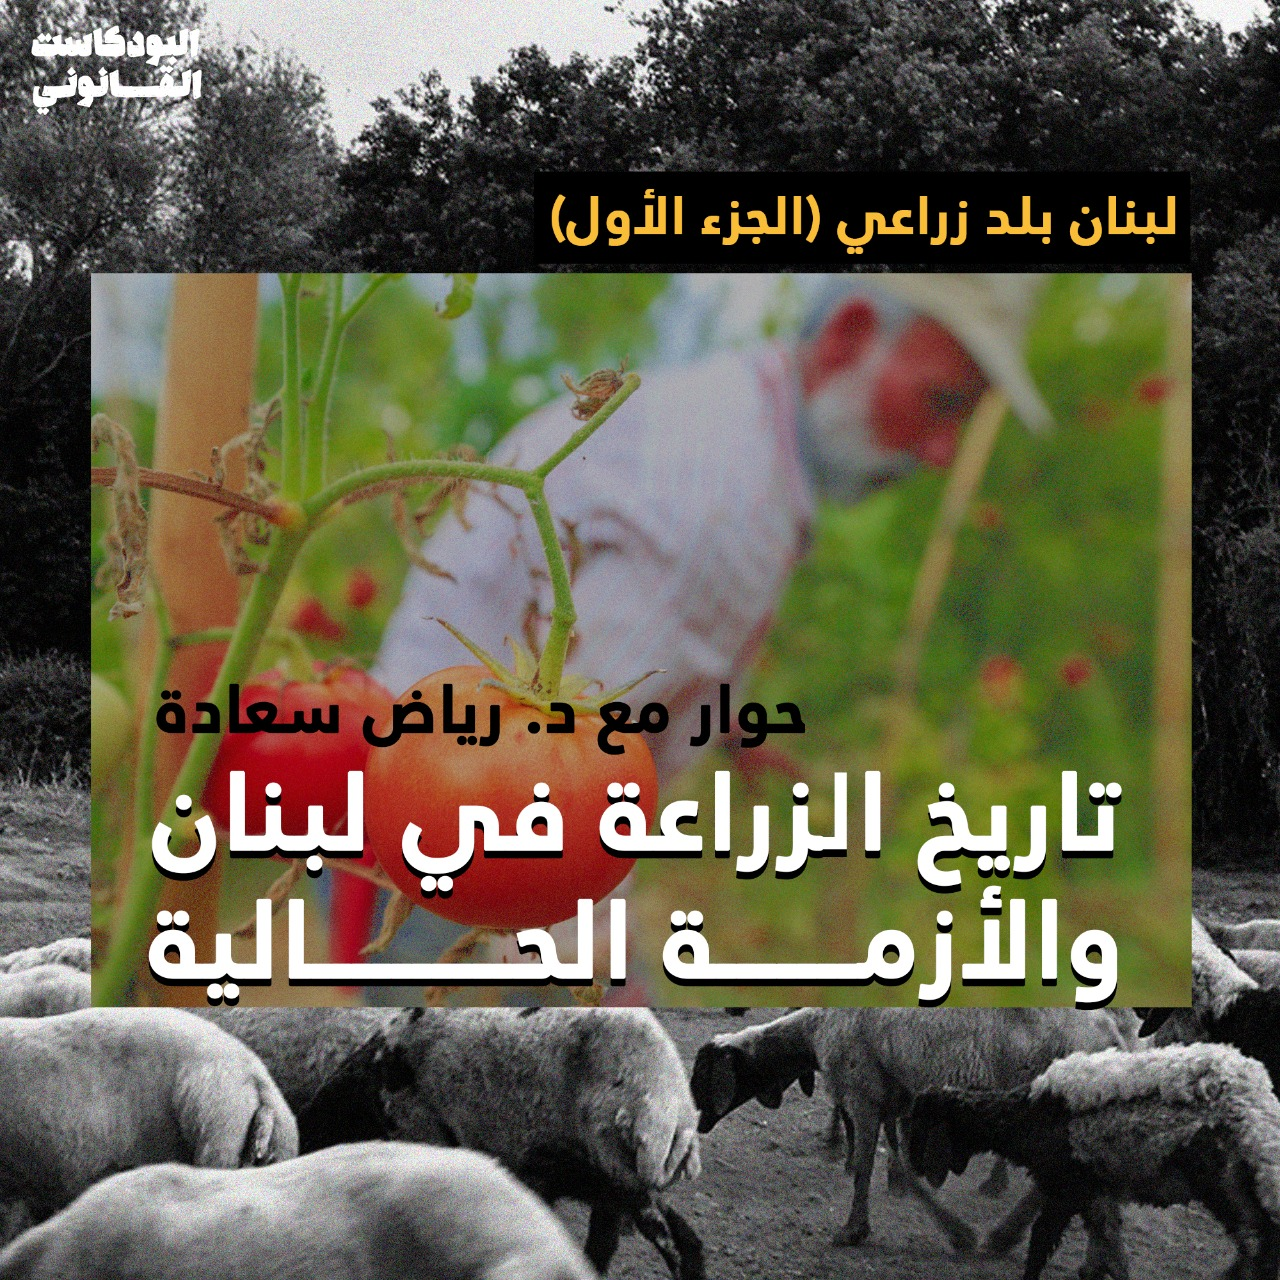 Qanuni Podcast (S02 E32): لبنان بلد زراعي (الجزء الأول): تاريخ الزراعة في لبنان والأزمة الحالية